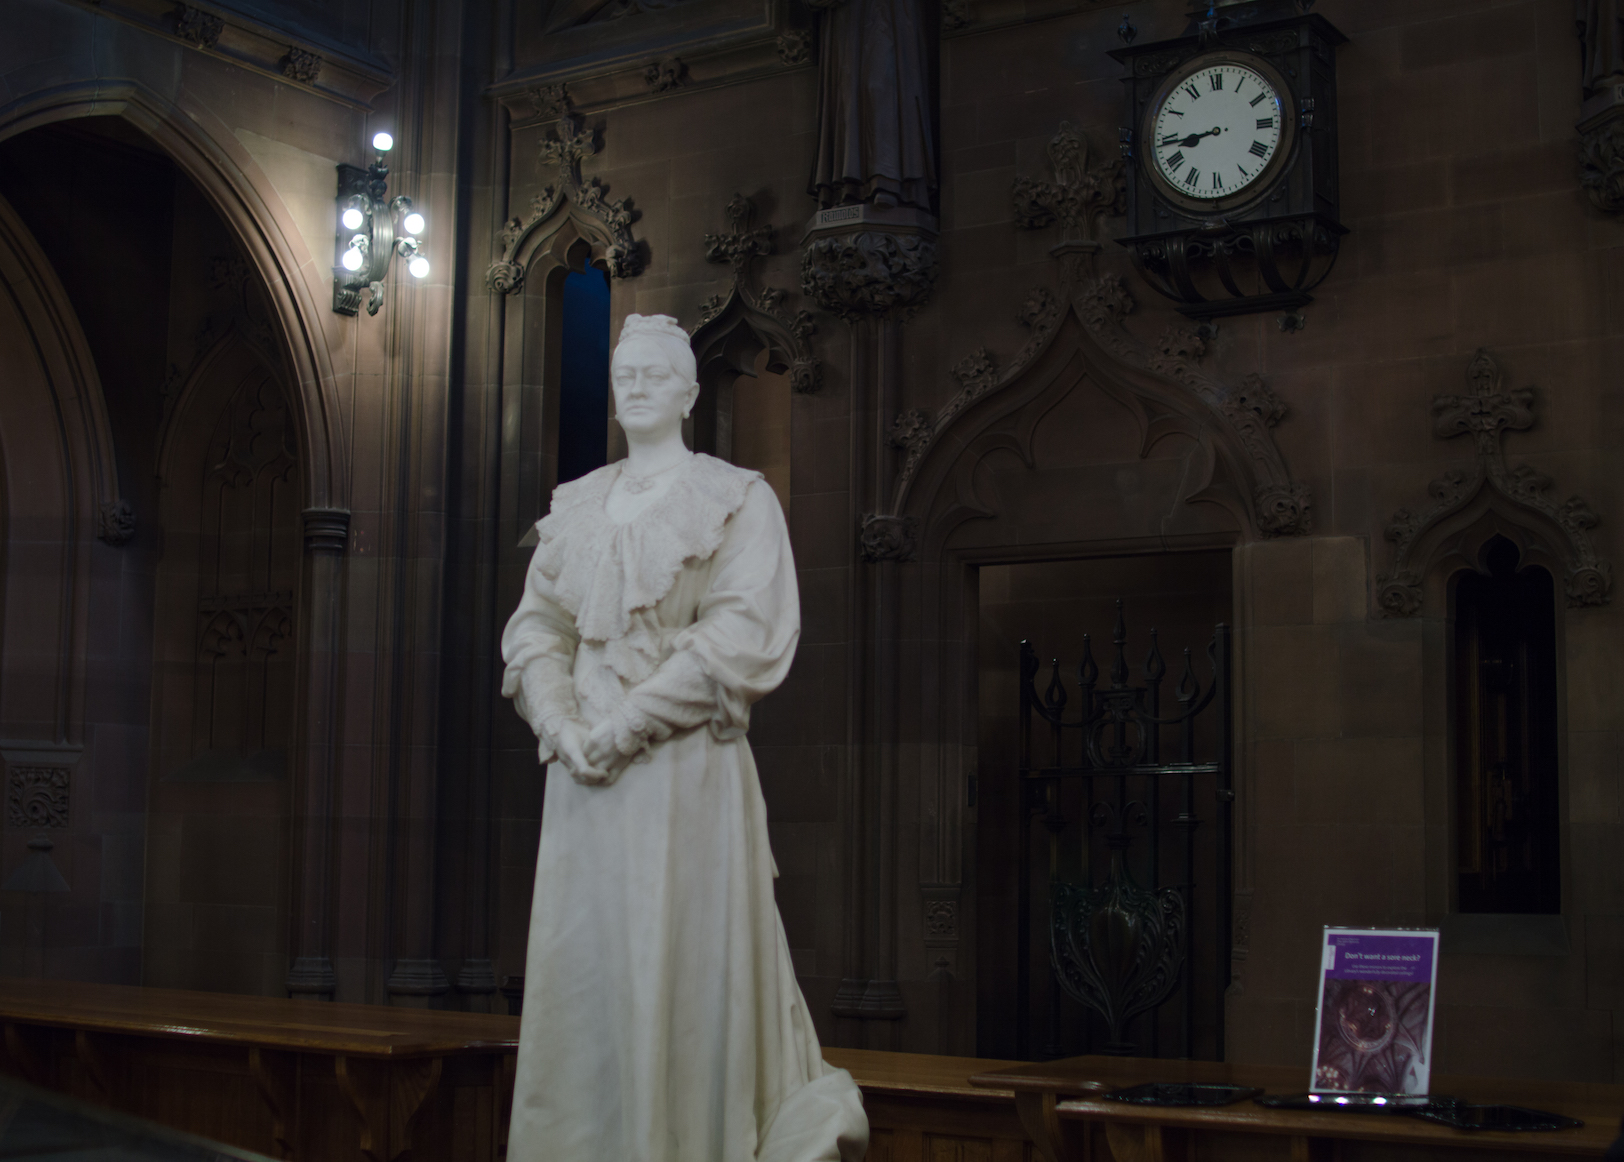 Enriqueta Rynald en Manchester